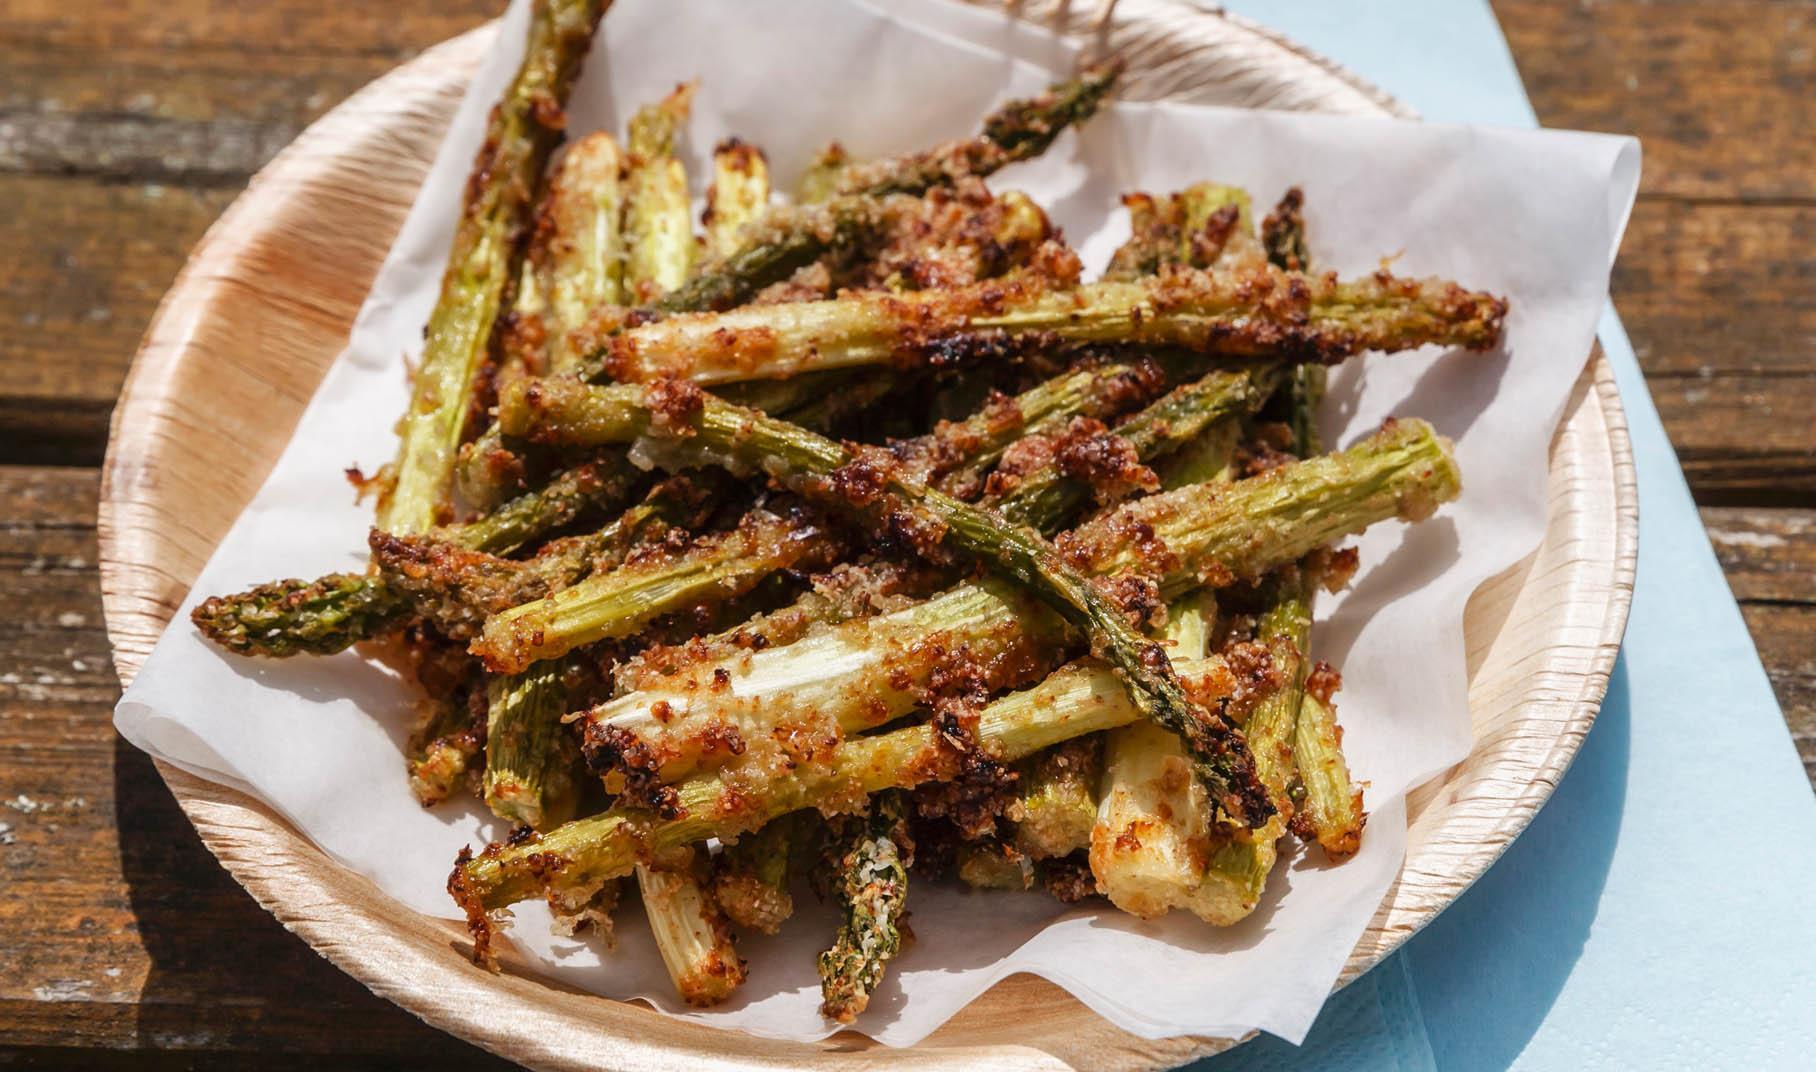 Ricetta Asparagi Veloce.Asparagi 10 Ricette Facili E Veloci Aia Food